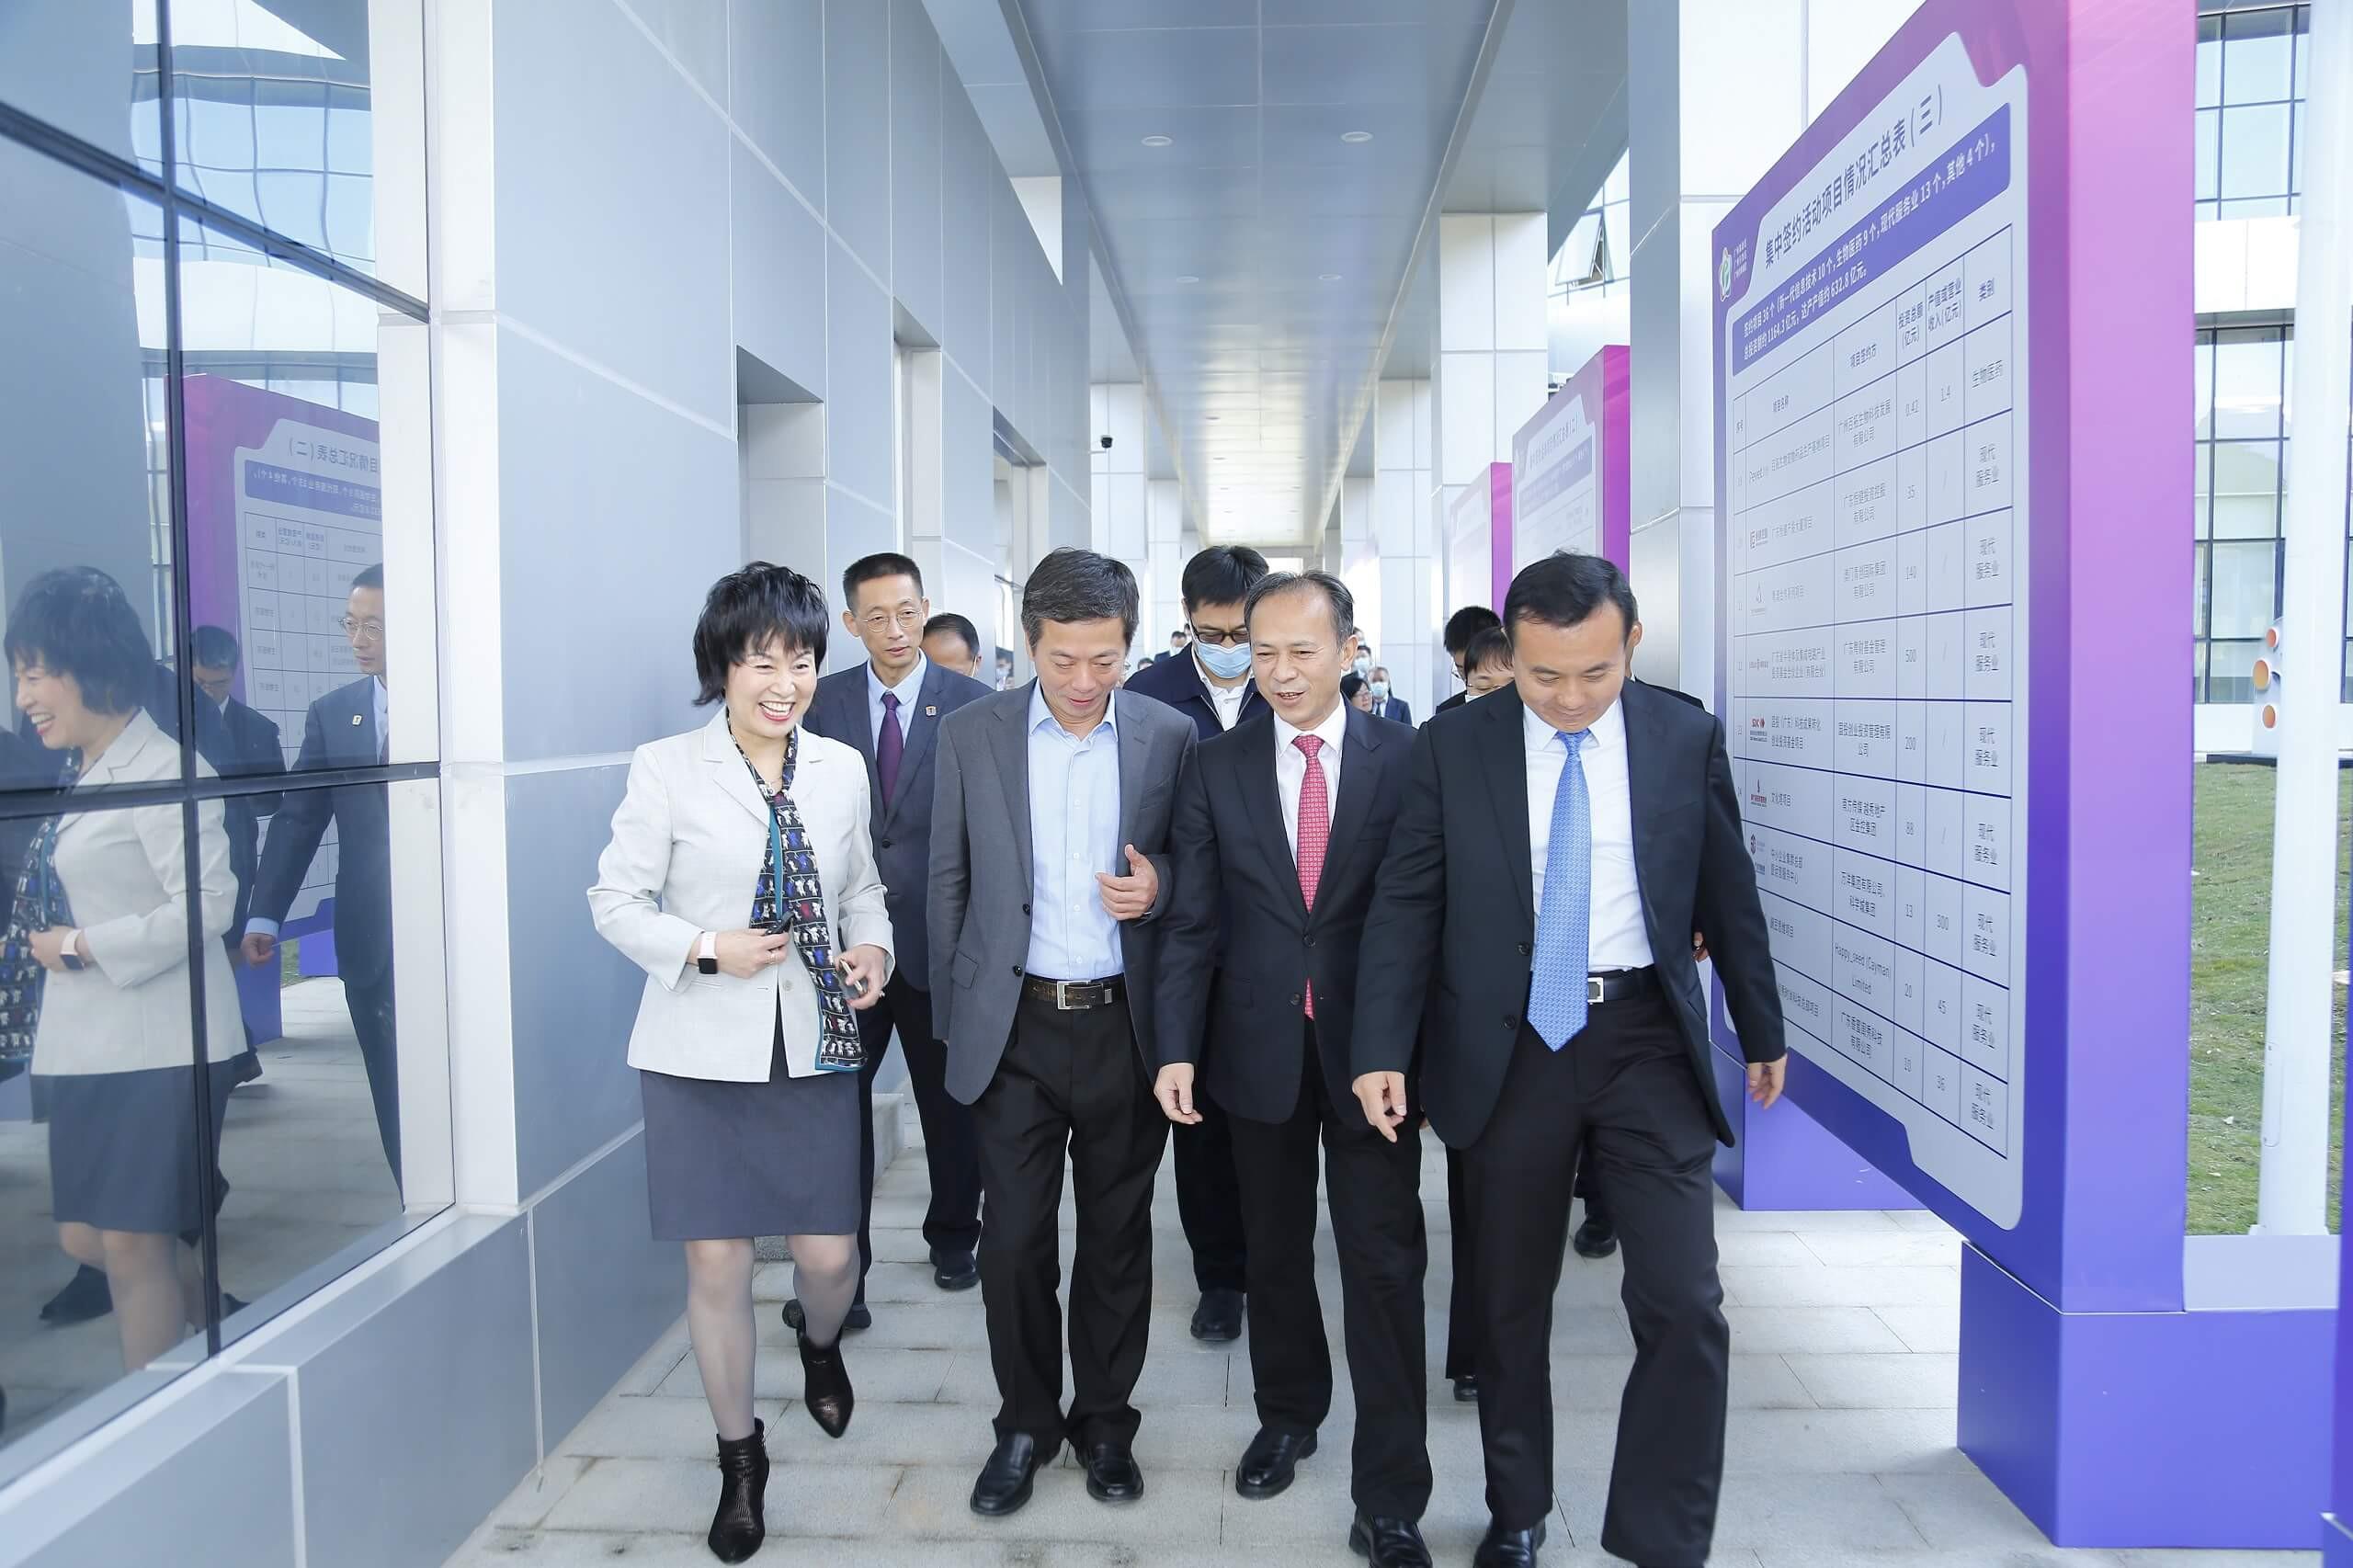 埃顿和Tera能源是广州黄埔绿色转型的合作伙伴